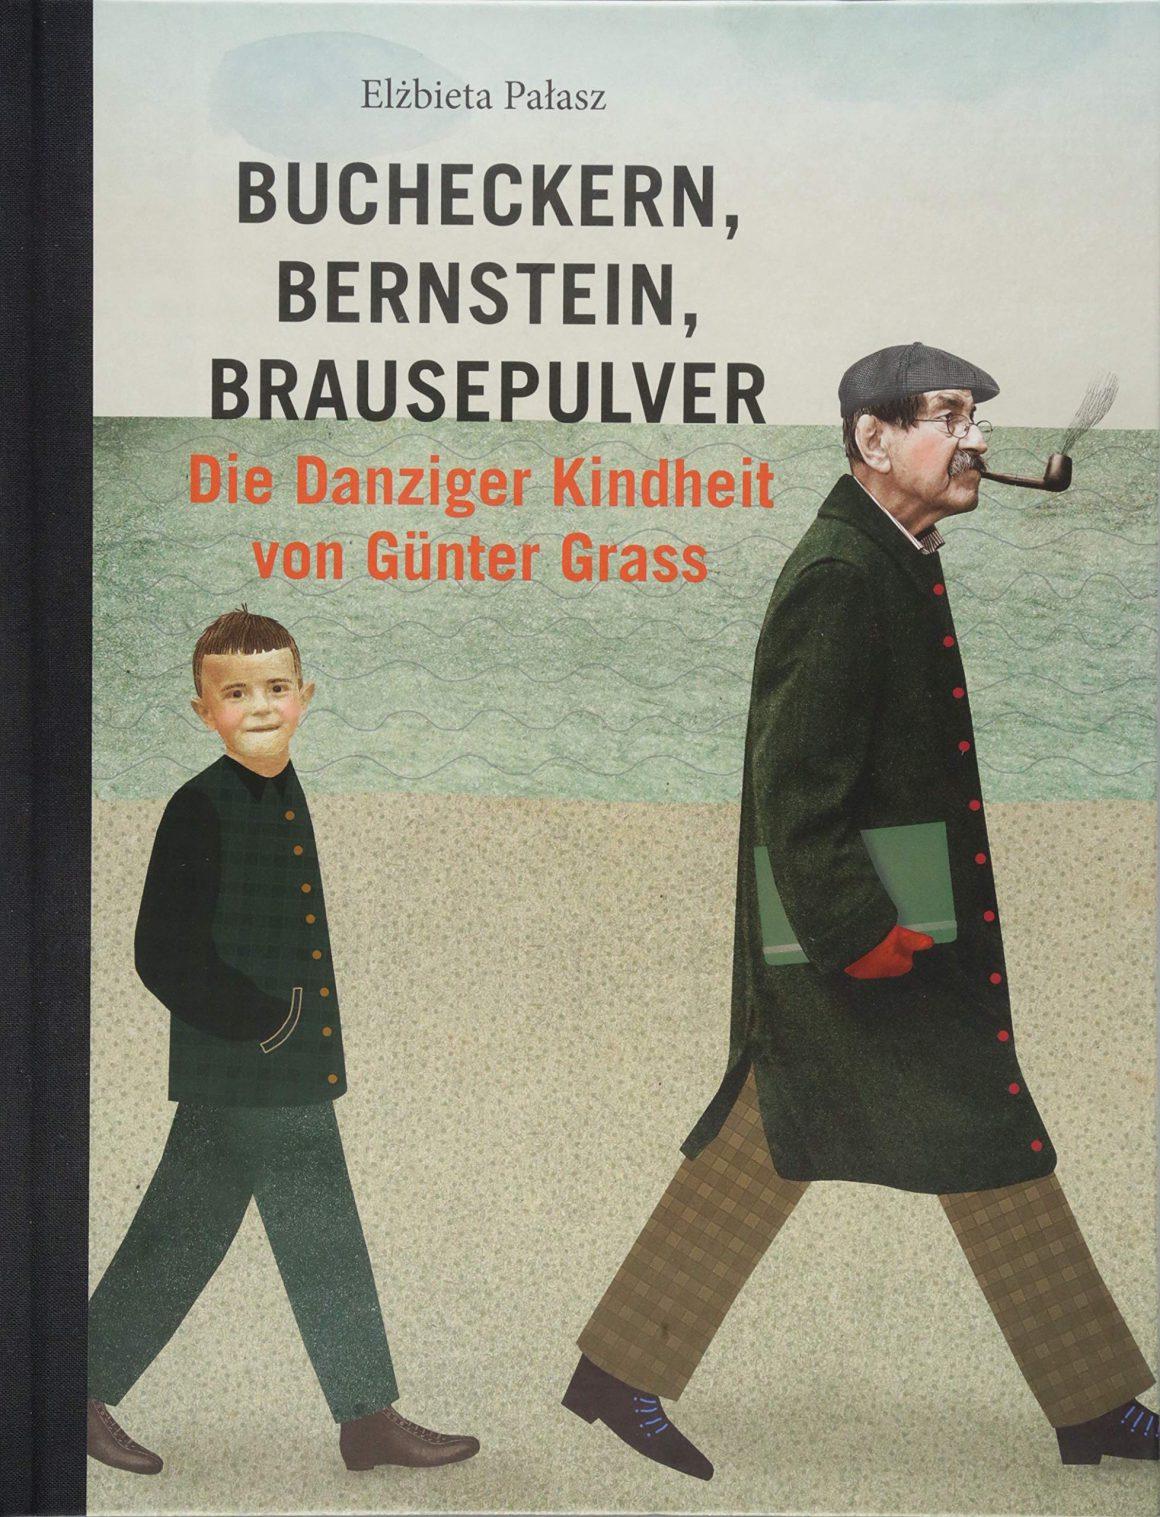 Mit Brausepulver, Butt und Beethoven: Die Danziger Kindheit von Günter Grass (Teil 3)